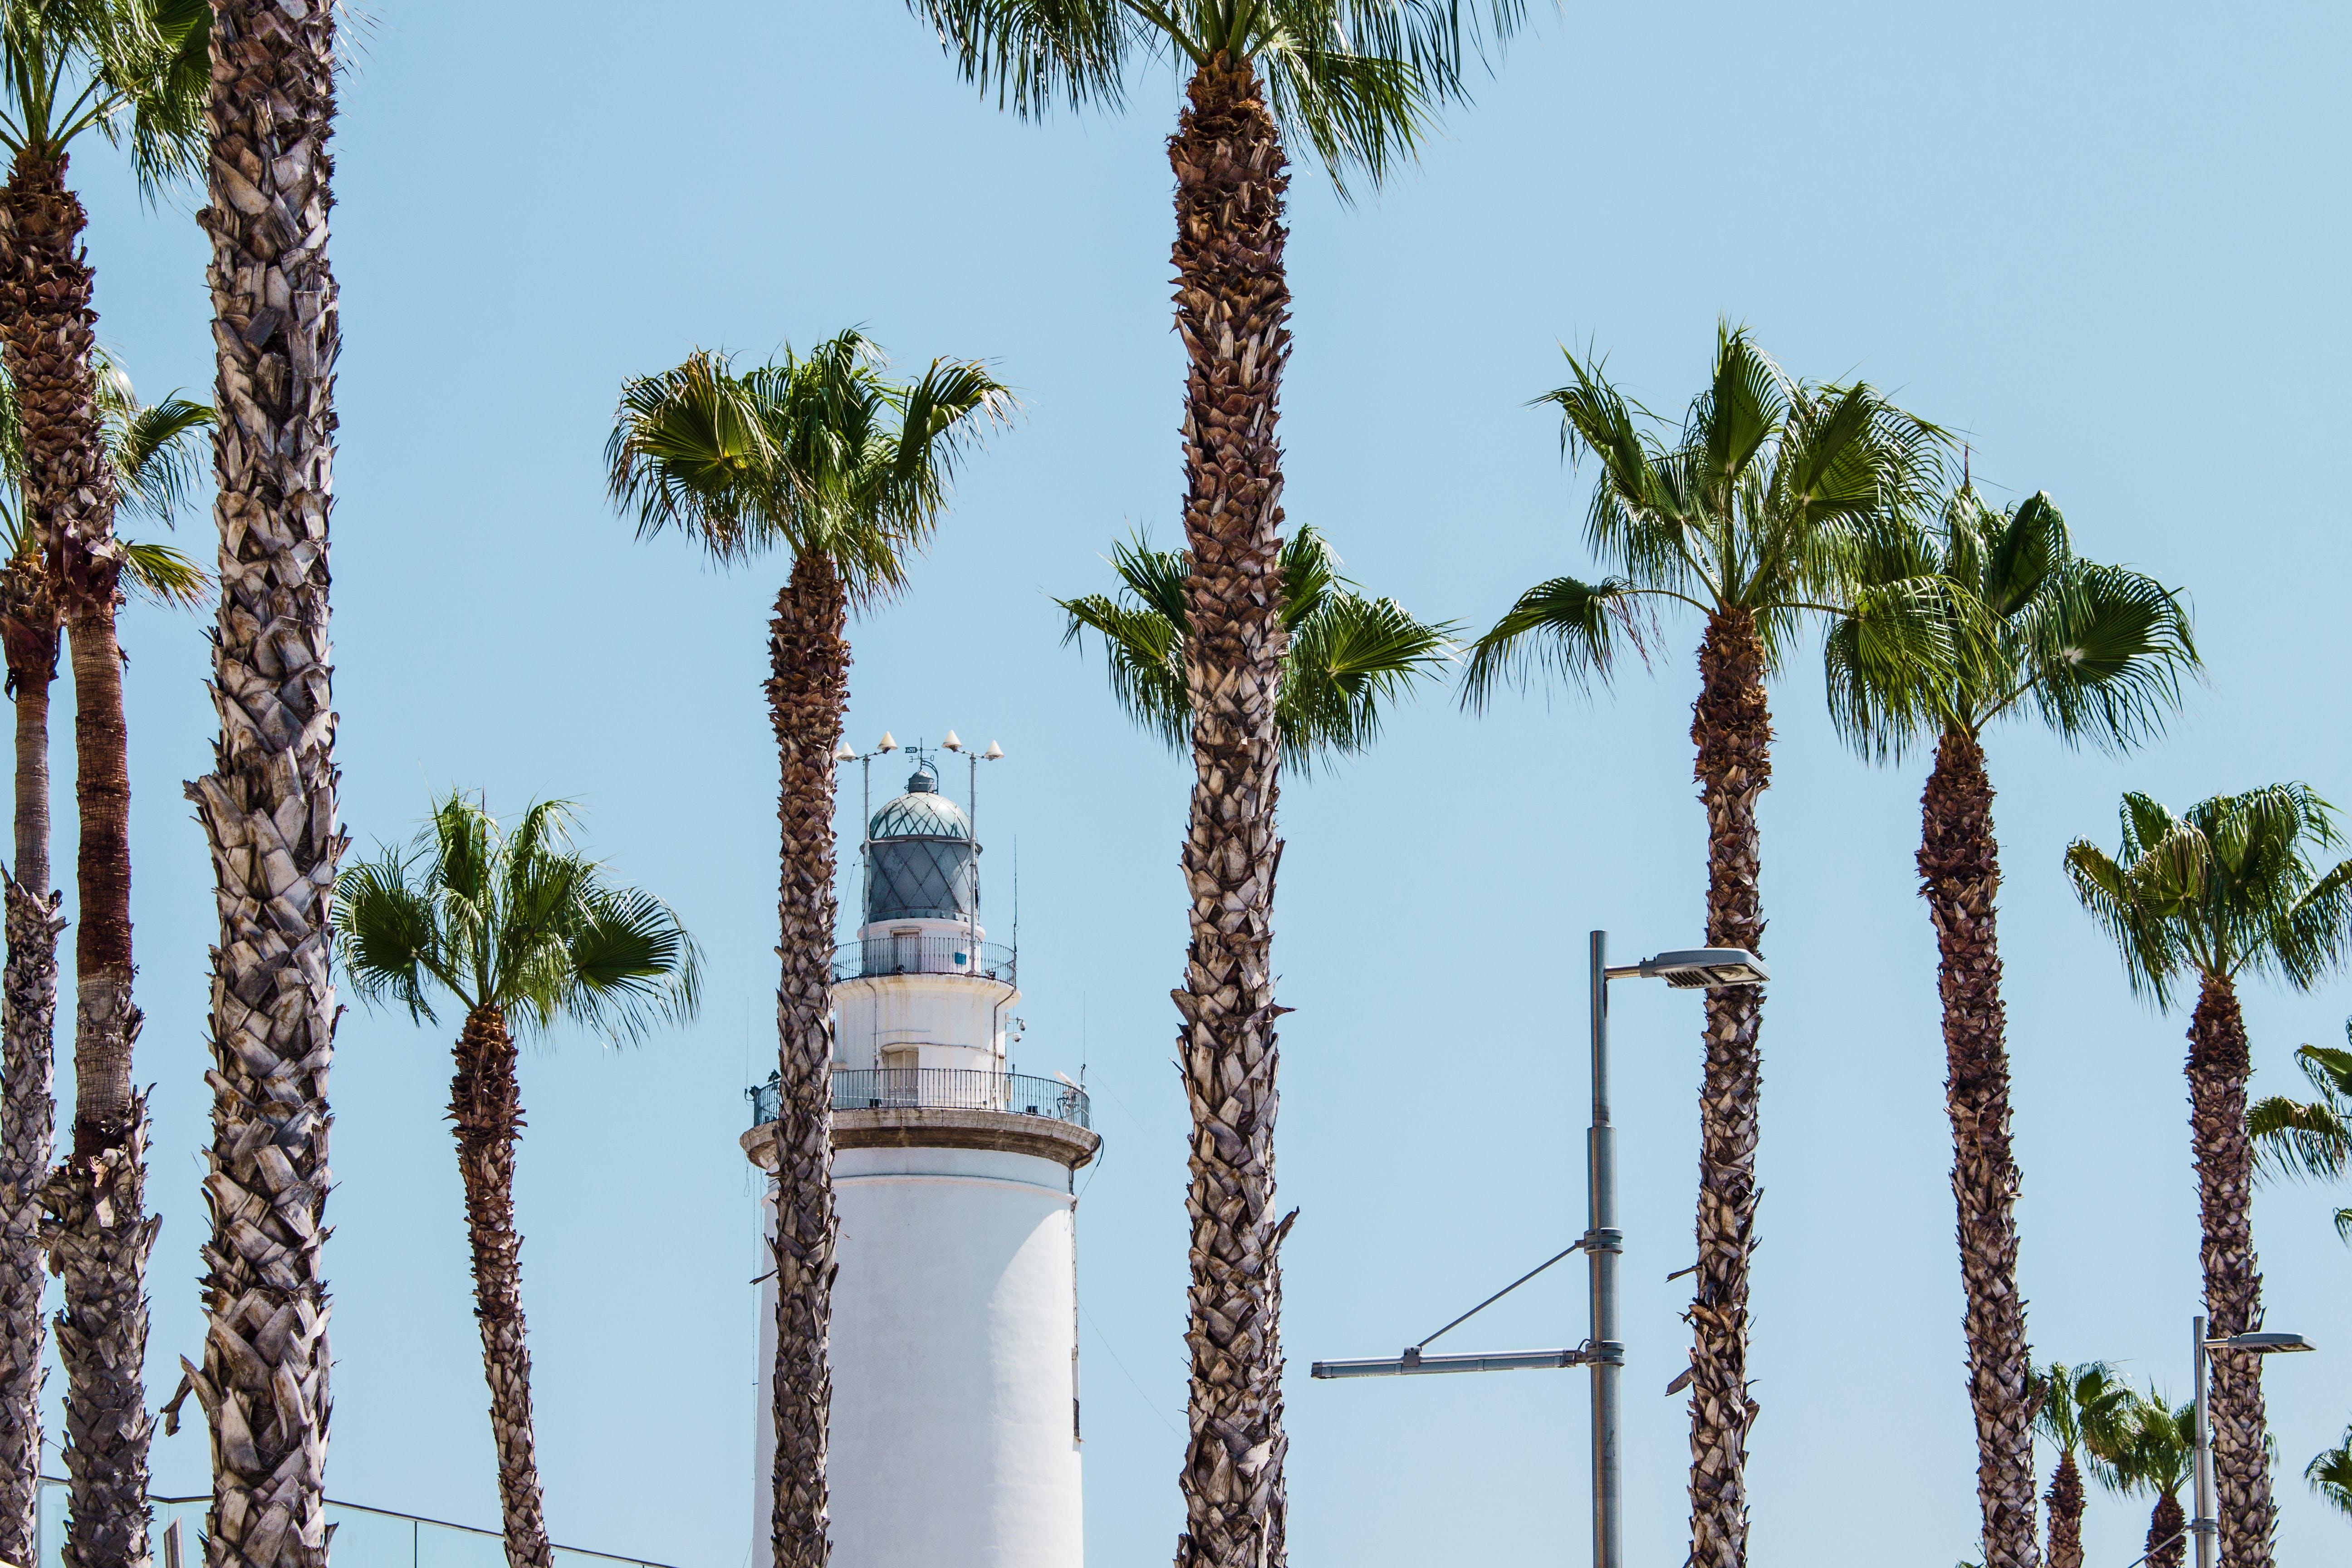 Foto profissional grátis de arquitetura, árvore, céu azul, construção